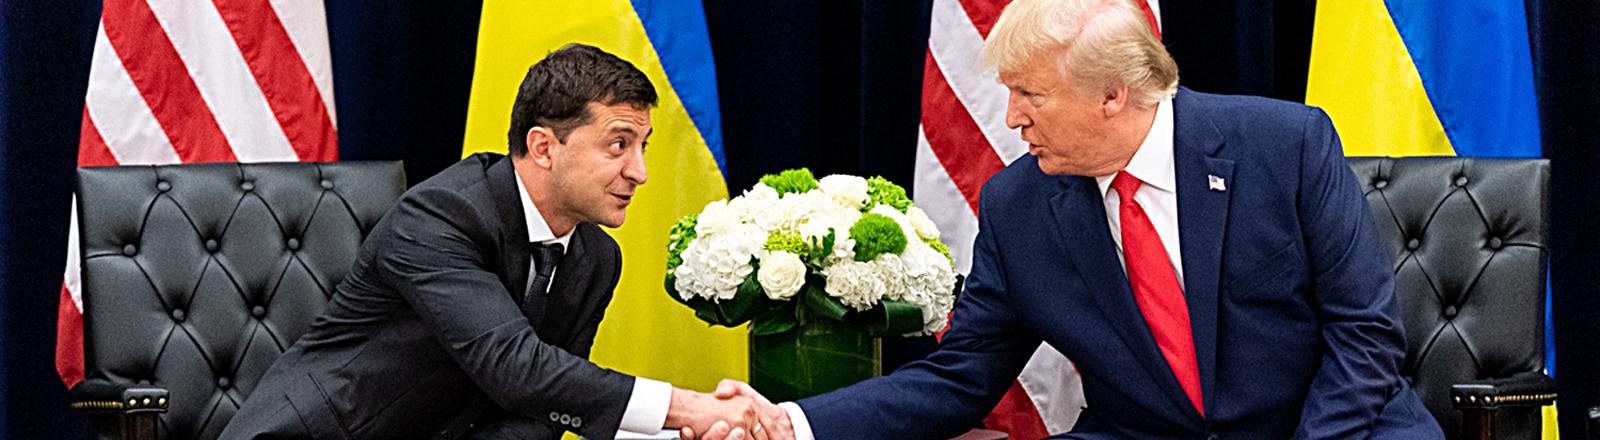 Der ukrainische Präsident Wolodymyr Selenskyj und US-Präsident Donald Trump beim Handshake bei einem bilateralen Treffen am Rande der UN-Vollkonferenz am 25. September 2019 in New York.